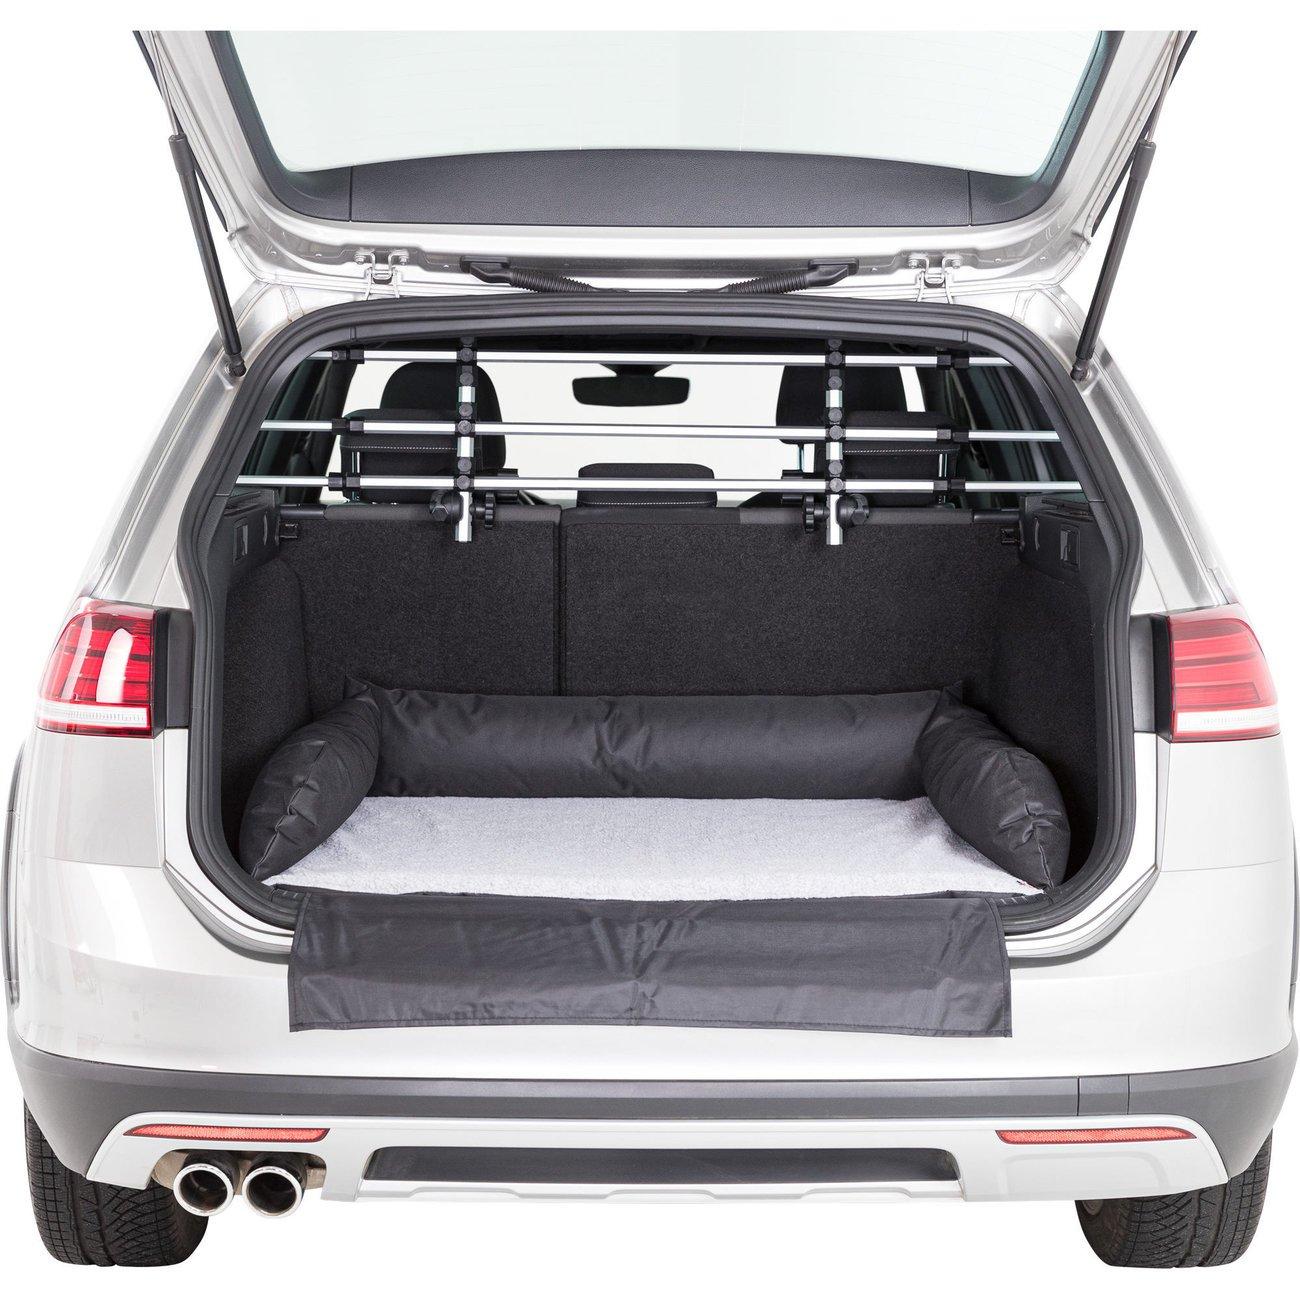 TRIXIE Hunde Autobett für Kofferraum 1321, Bild 19